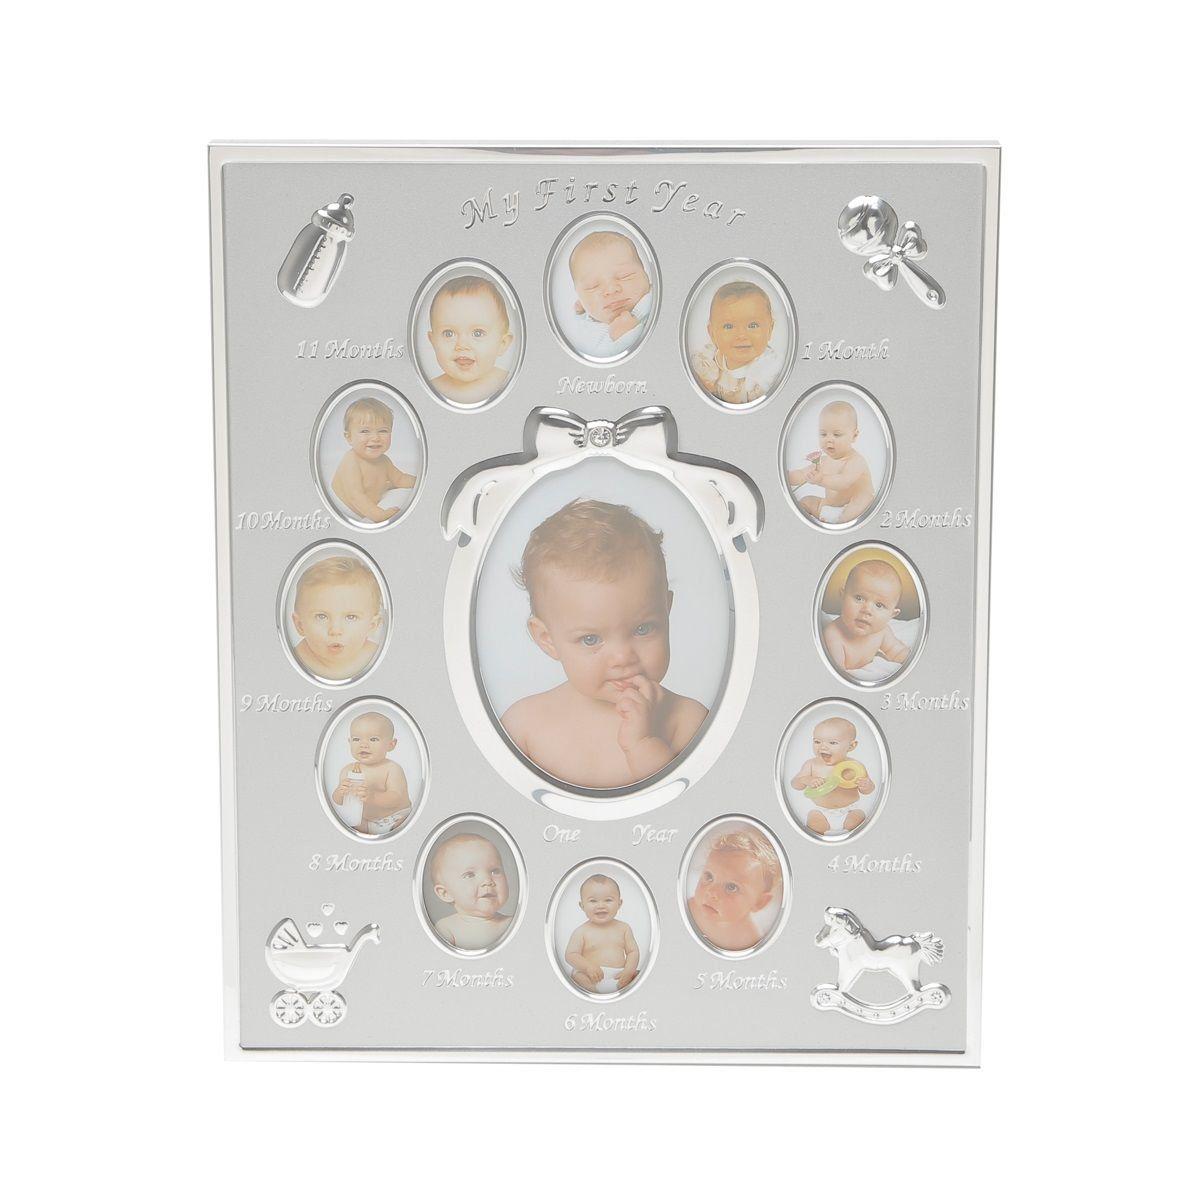 Porta-retrato para 13 fotos de alumínio 1° Ano do Bebê Prestige - 7573